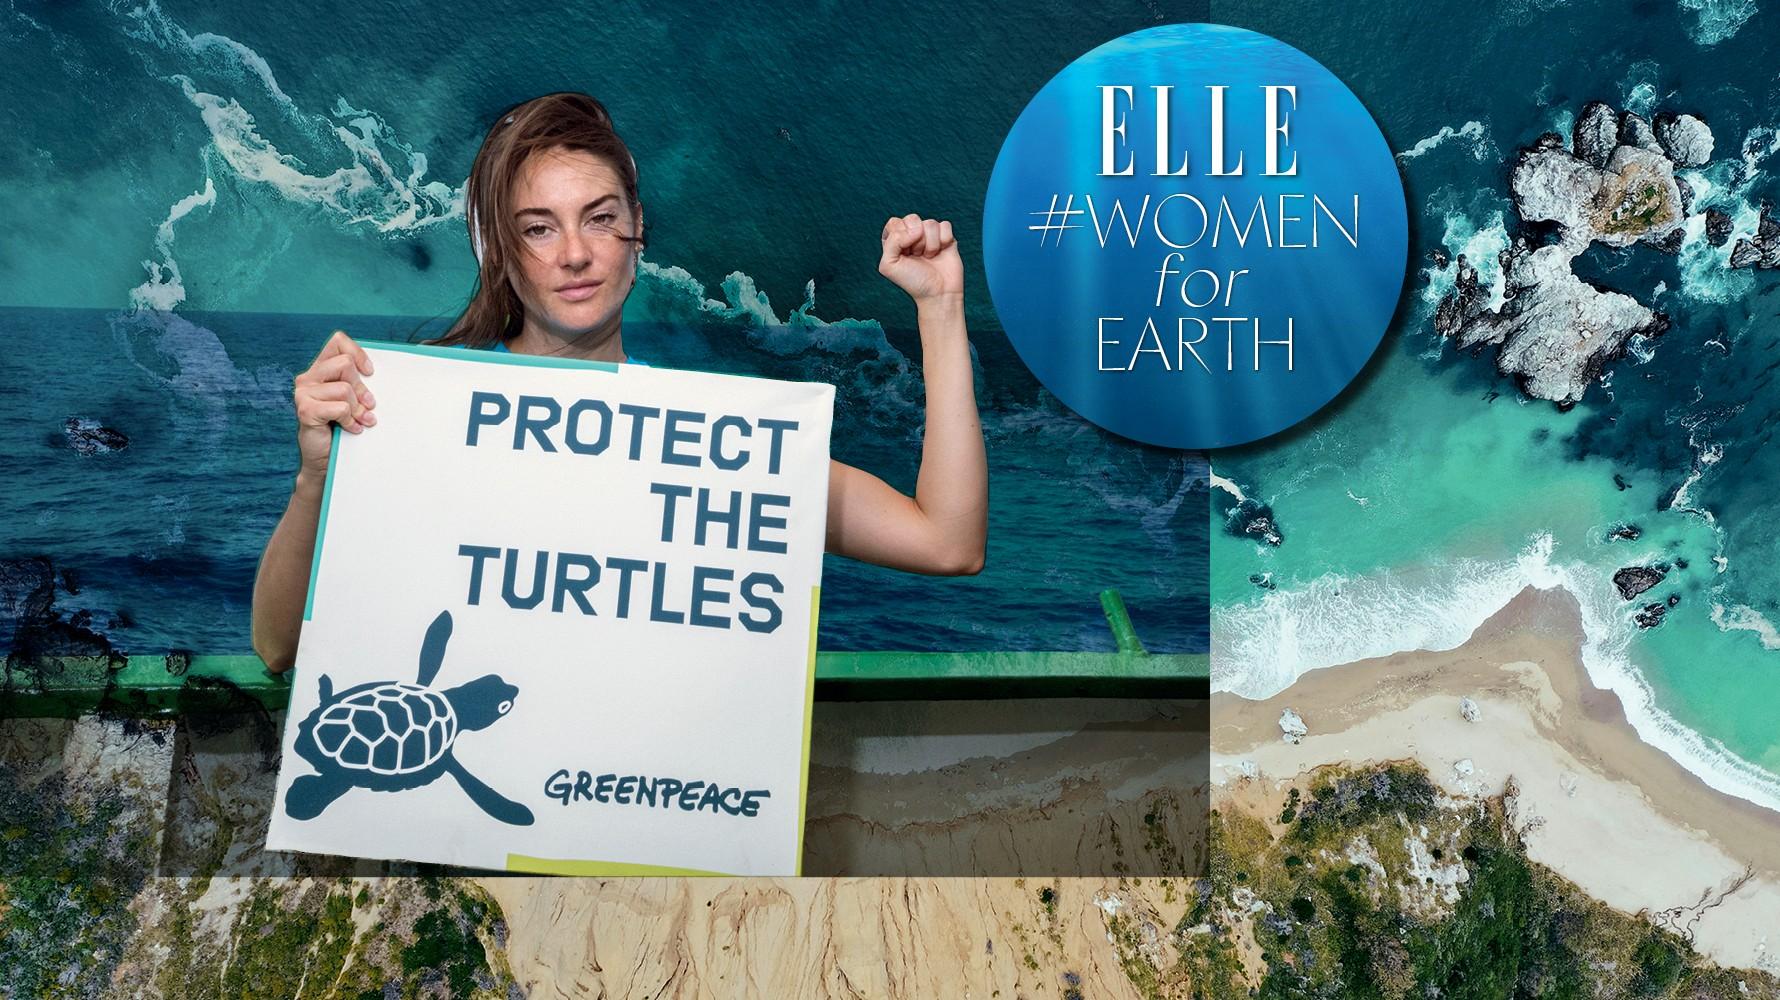 Το νέο ELLE Απριλίου που κυκλοφορεί είναι αφιερωμένο στο περιβάλλον #WomenforEarth